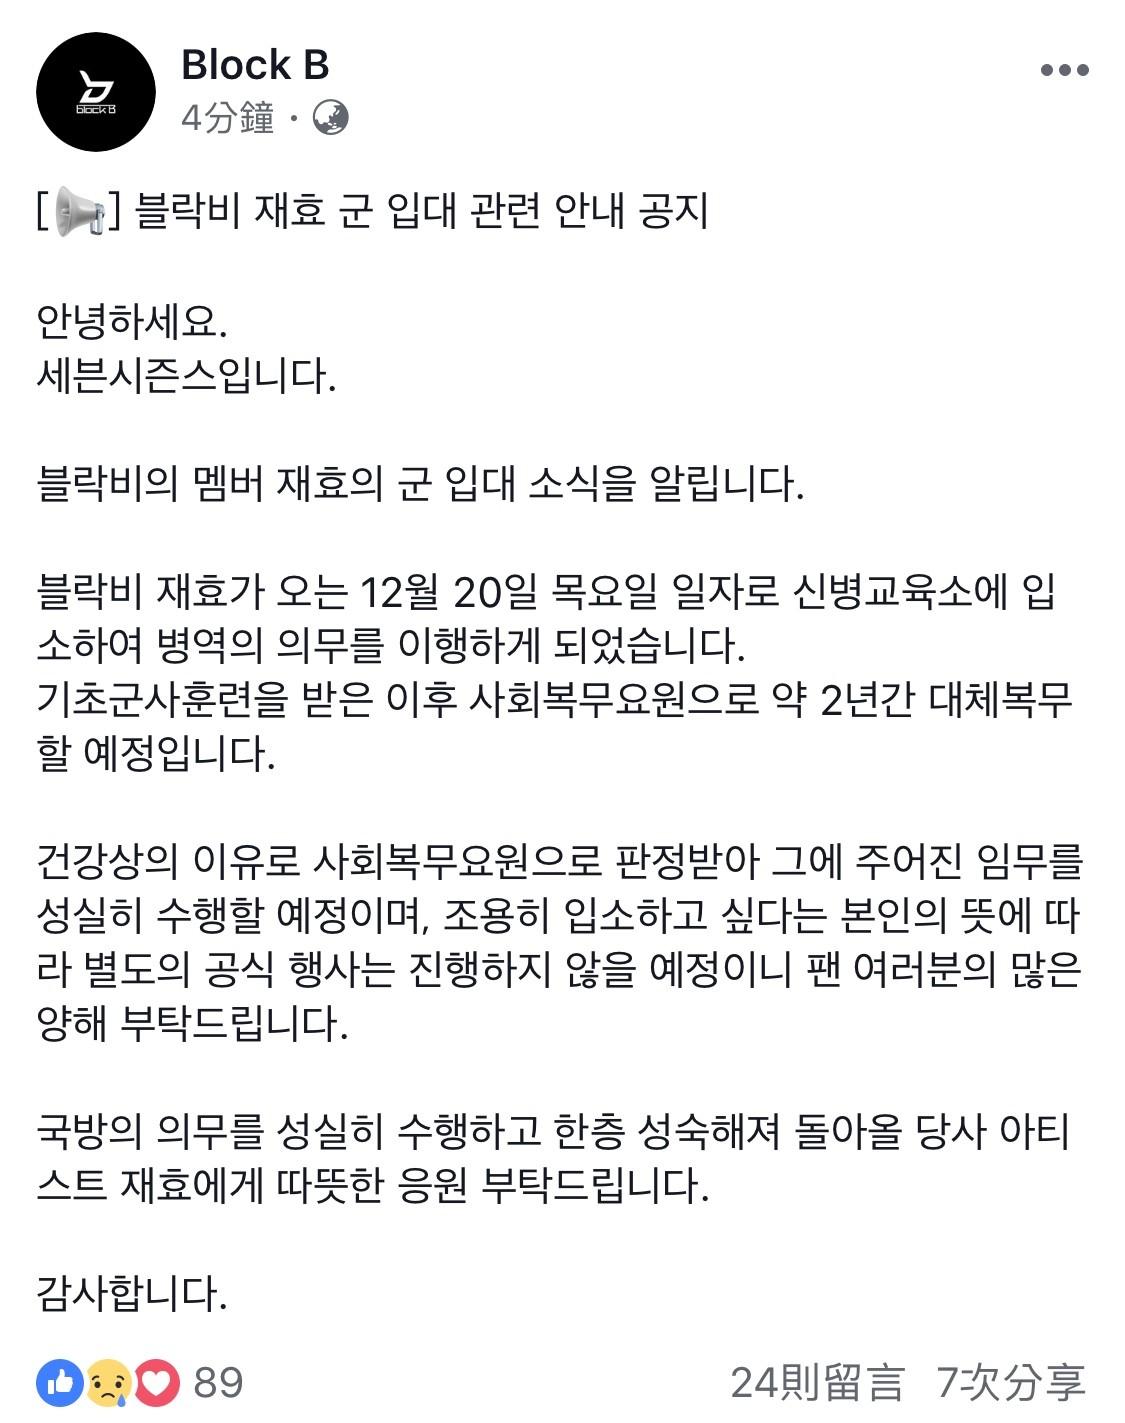 12月4日Block B所屬社透過官方sns上傳了成員要入伍的消息「大家好,這裡是Seven Seasons,Block B的成員宰孝必須在12月20日星期四這天於新兵教育所入伍實施兵役義務。」